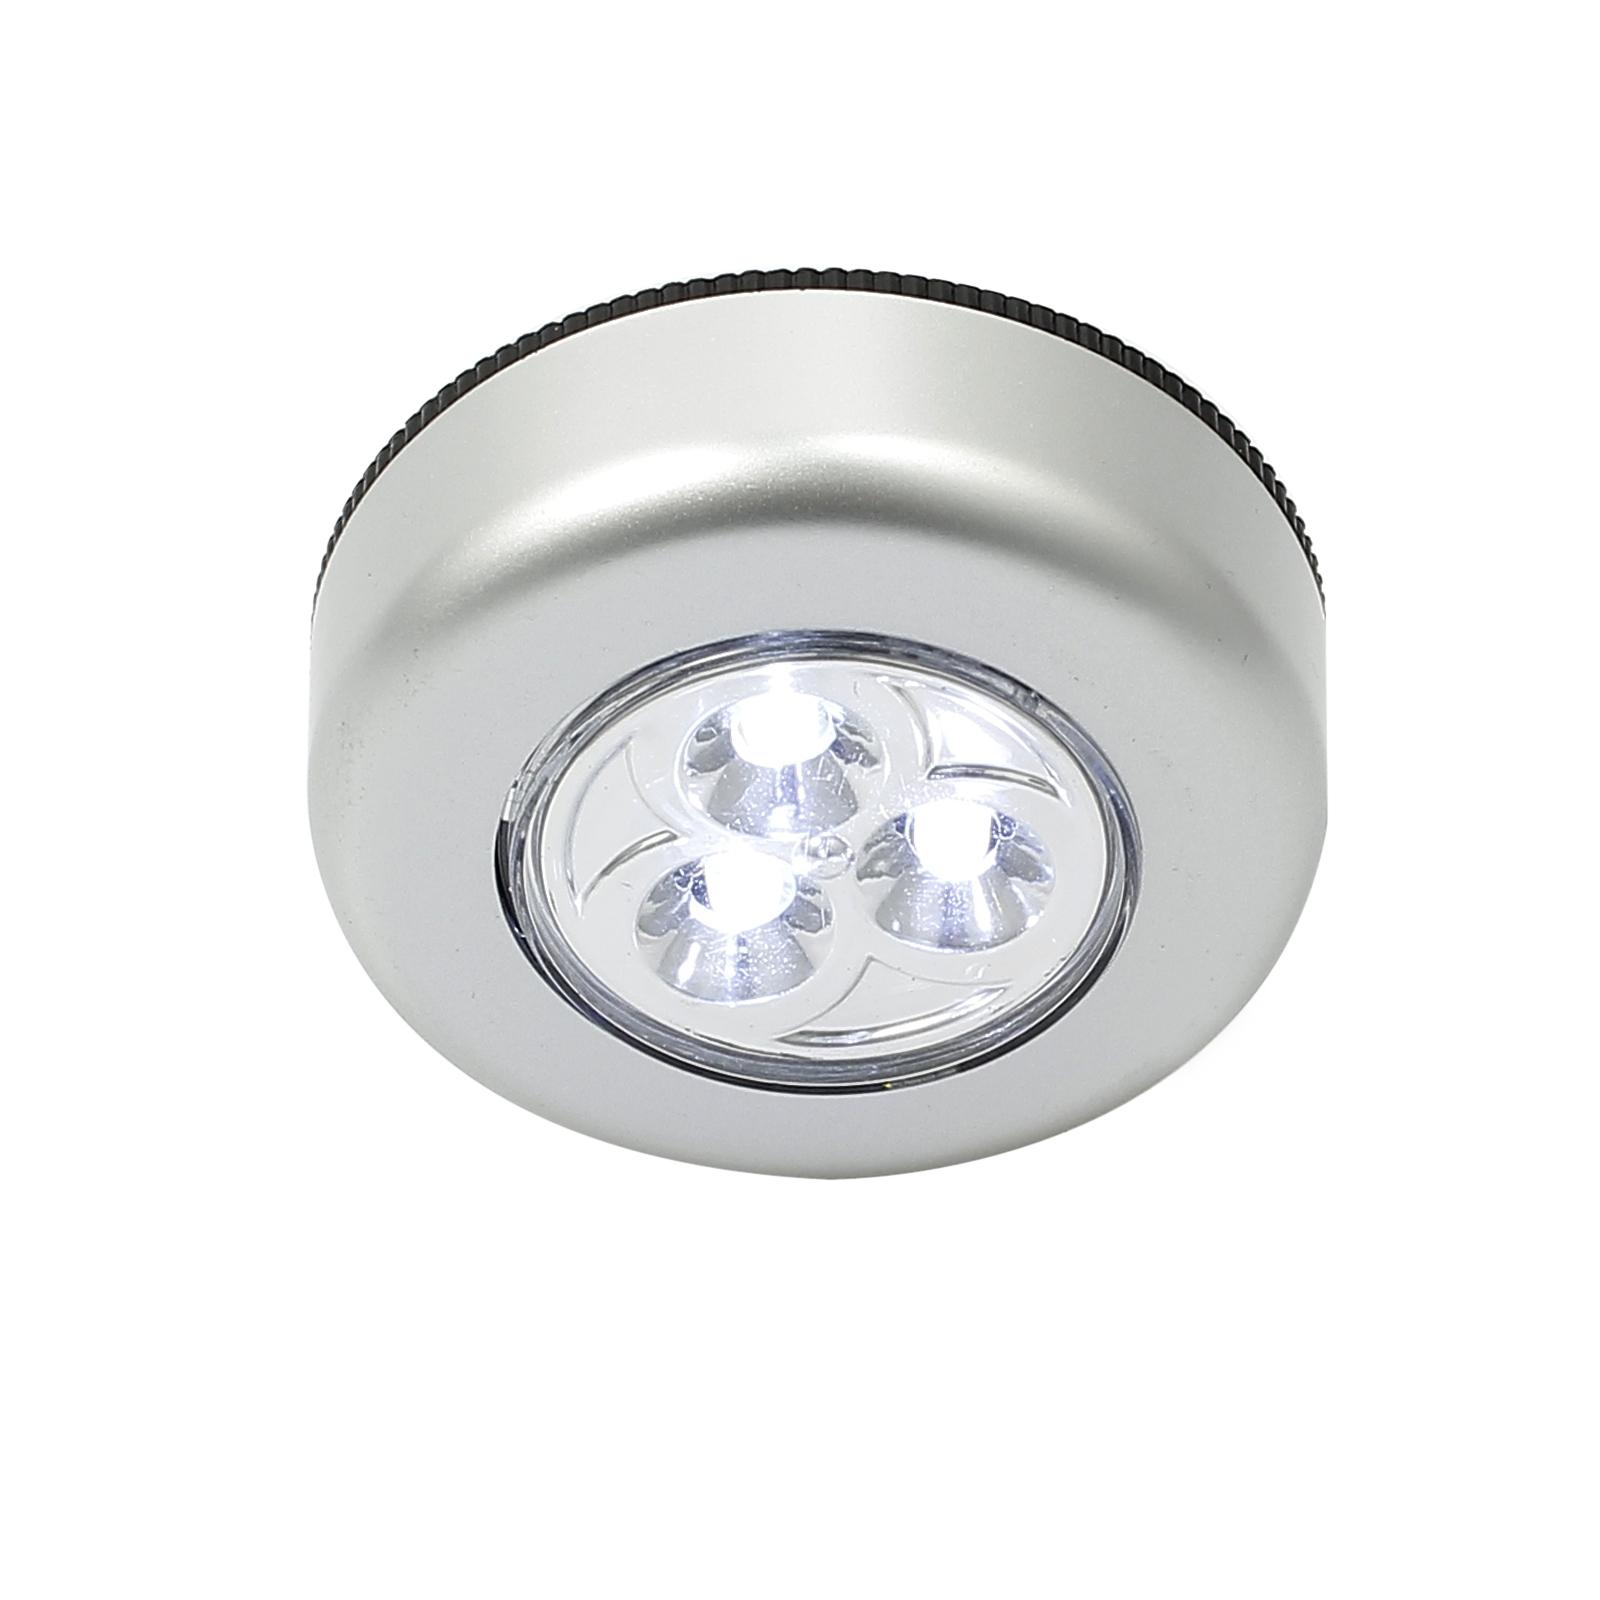 10er touch led unterbauleuchte batteriebetrieb lampe fr unterbau schrank leuchte ebay. Black Bedroom Furniture Sets. Home Design Ideas